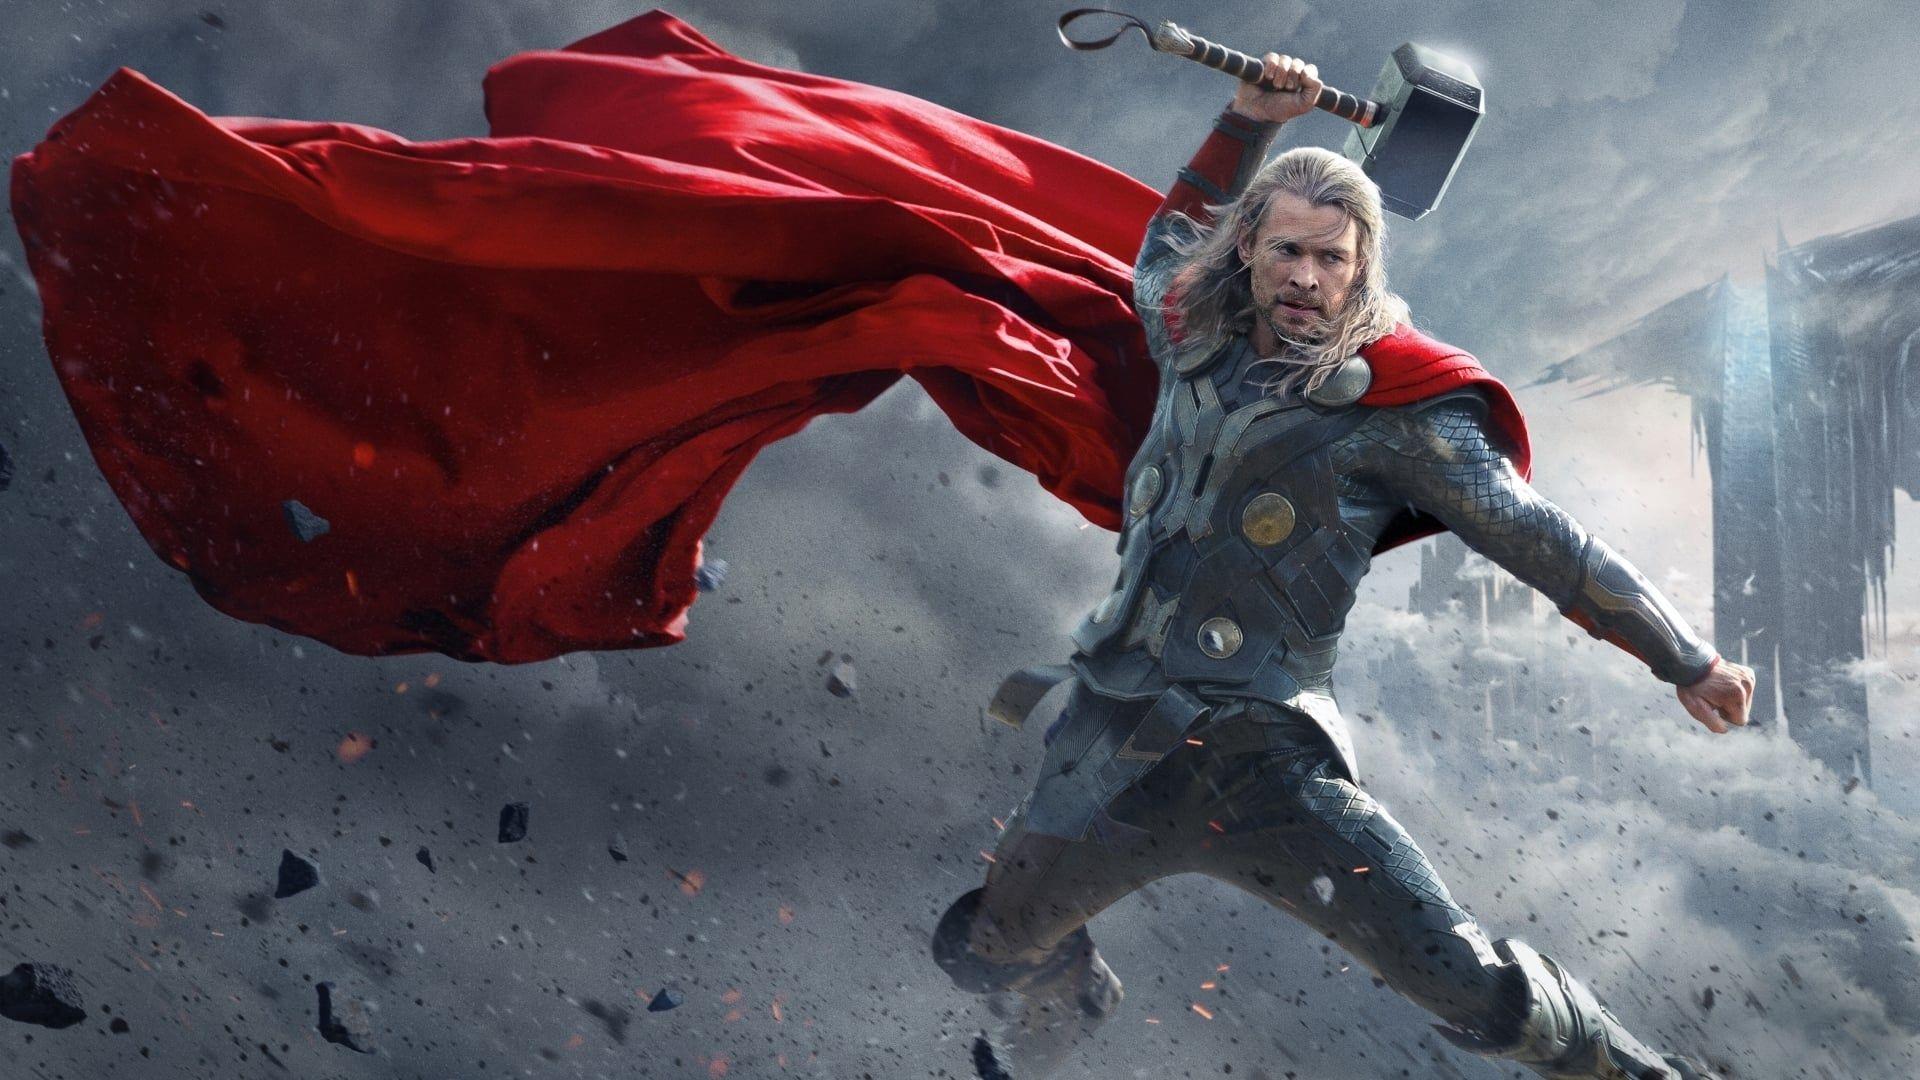 Thor The Dark Kingdom 2013 Ganzer Film Deutsch Komplett Kino Thor The Dark Kingdom 2013complete Film Chris Hemsworth Thor Workout Thor Chris Hemsworth Thor